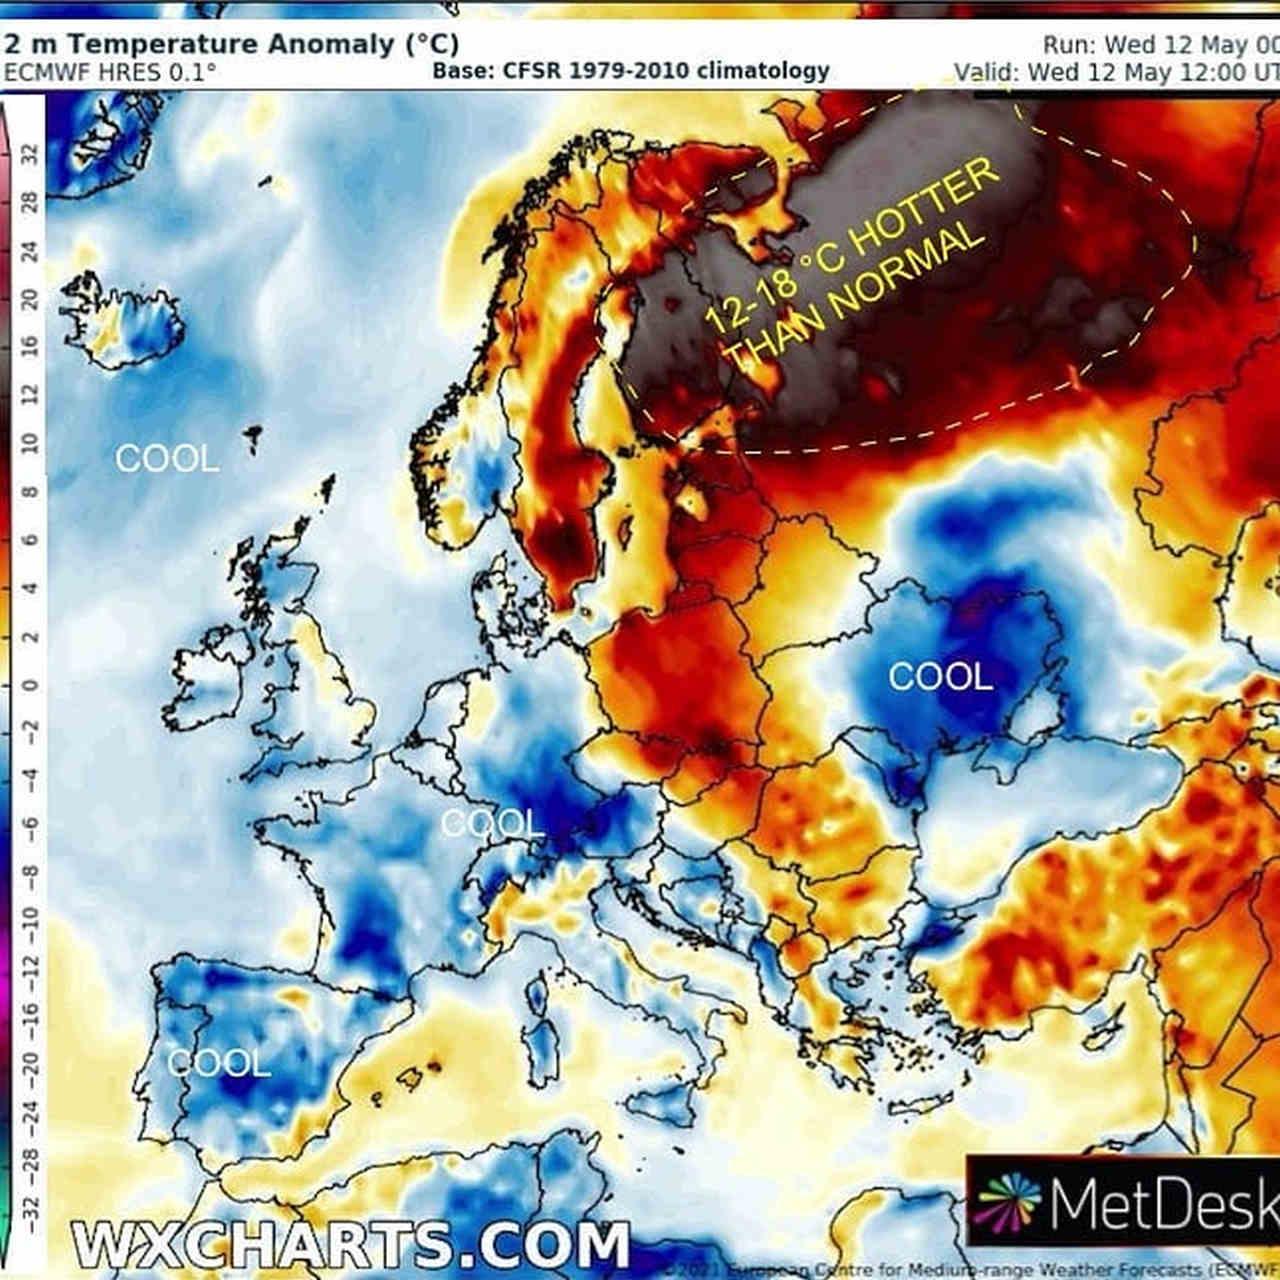 Le anomalie di caldo dei giorni scorsi sull'Europa Nord-Orientale in raffronto al clima più fresco sul Centro-Ovest Europa. Rielaborazione Scott Duncan